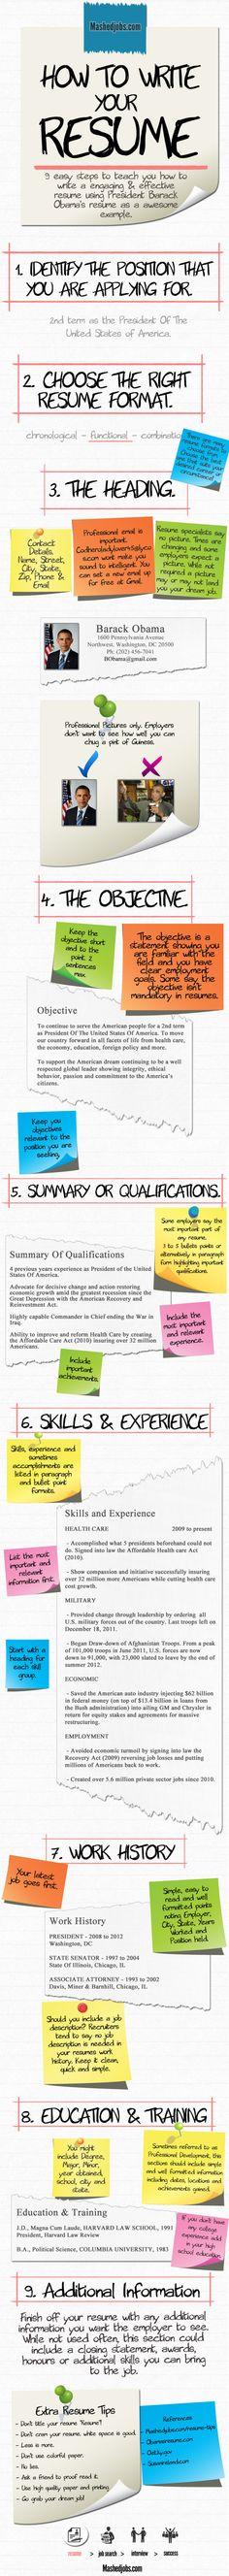 IEEE Sample Test Plan Template Excel #IEEE #softwaretesting - ieee resume format